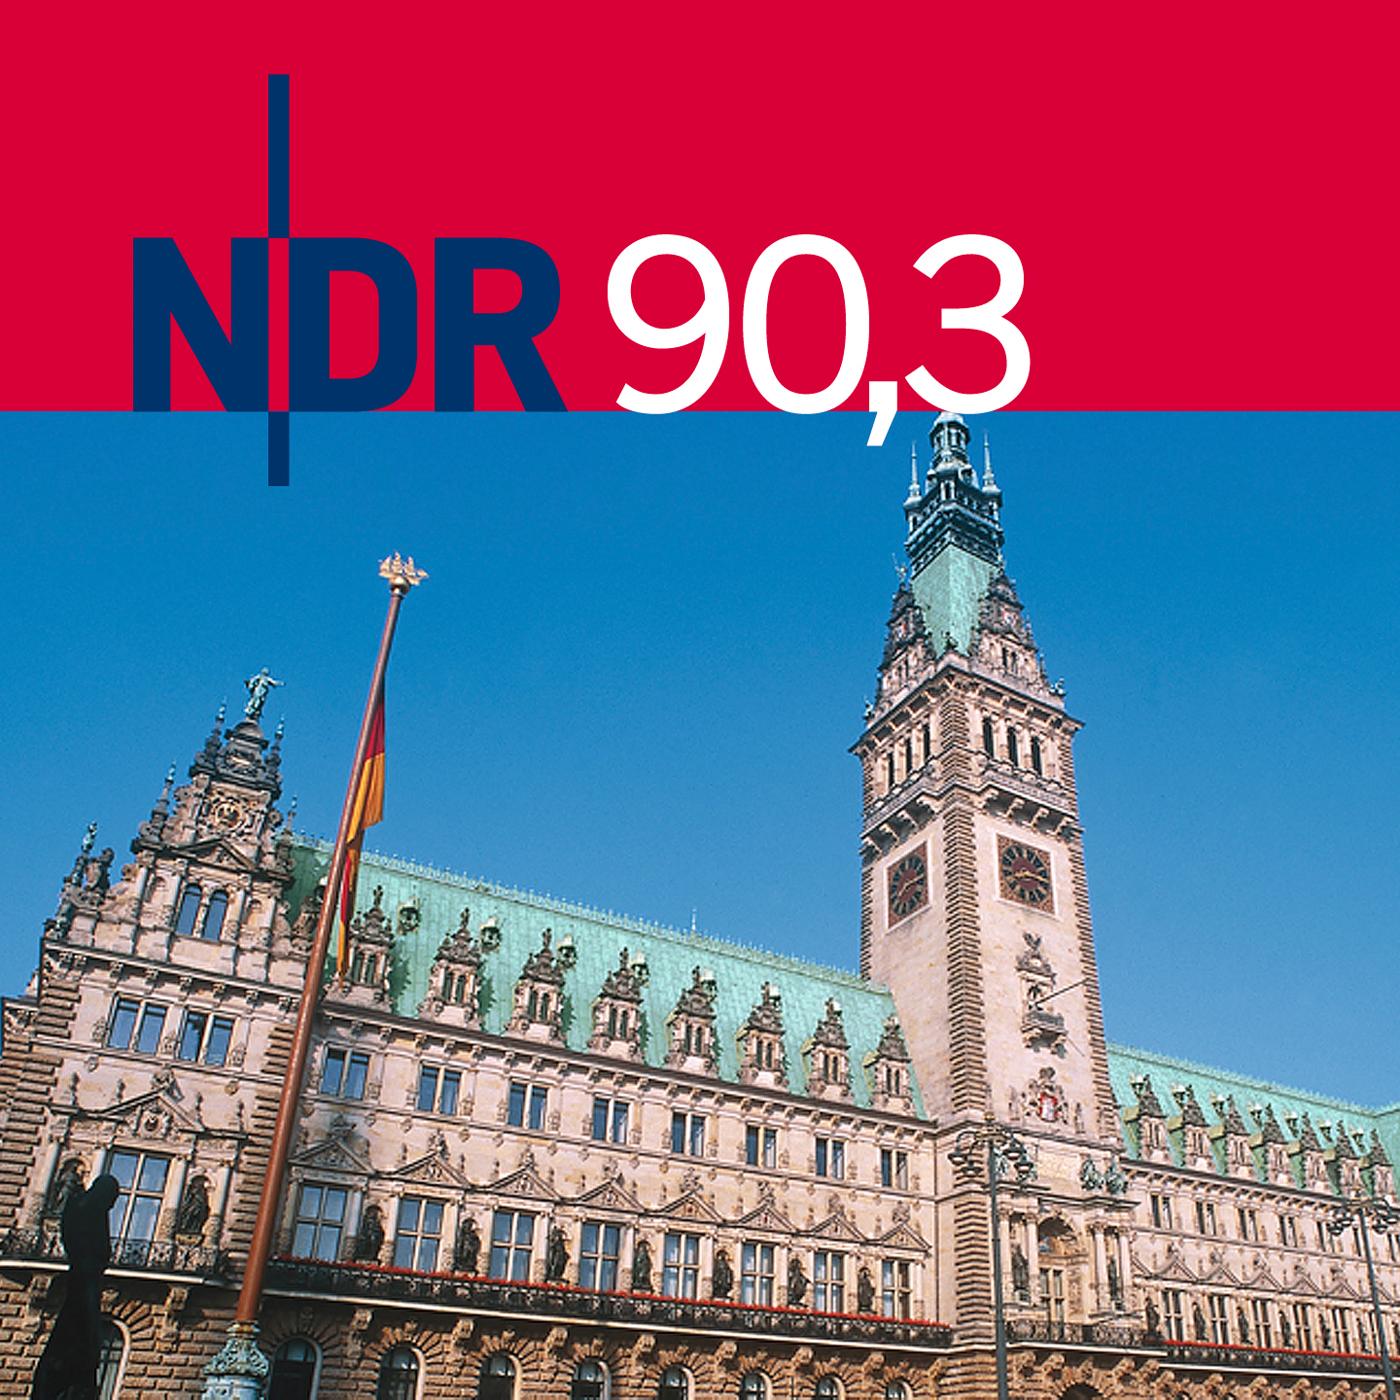 NDR 90,3 - Der Hamburg-Kommentar